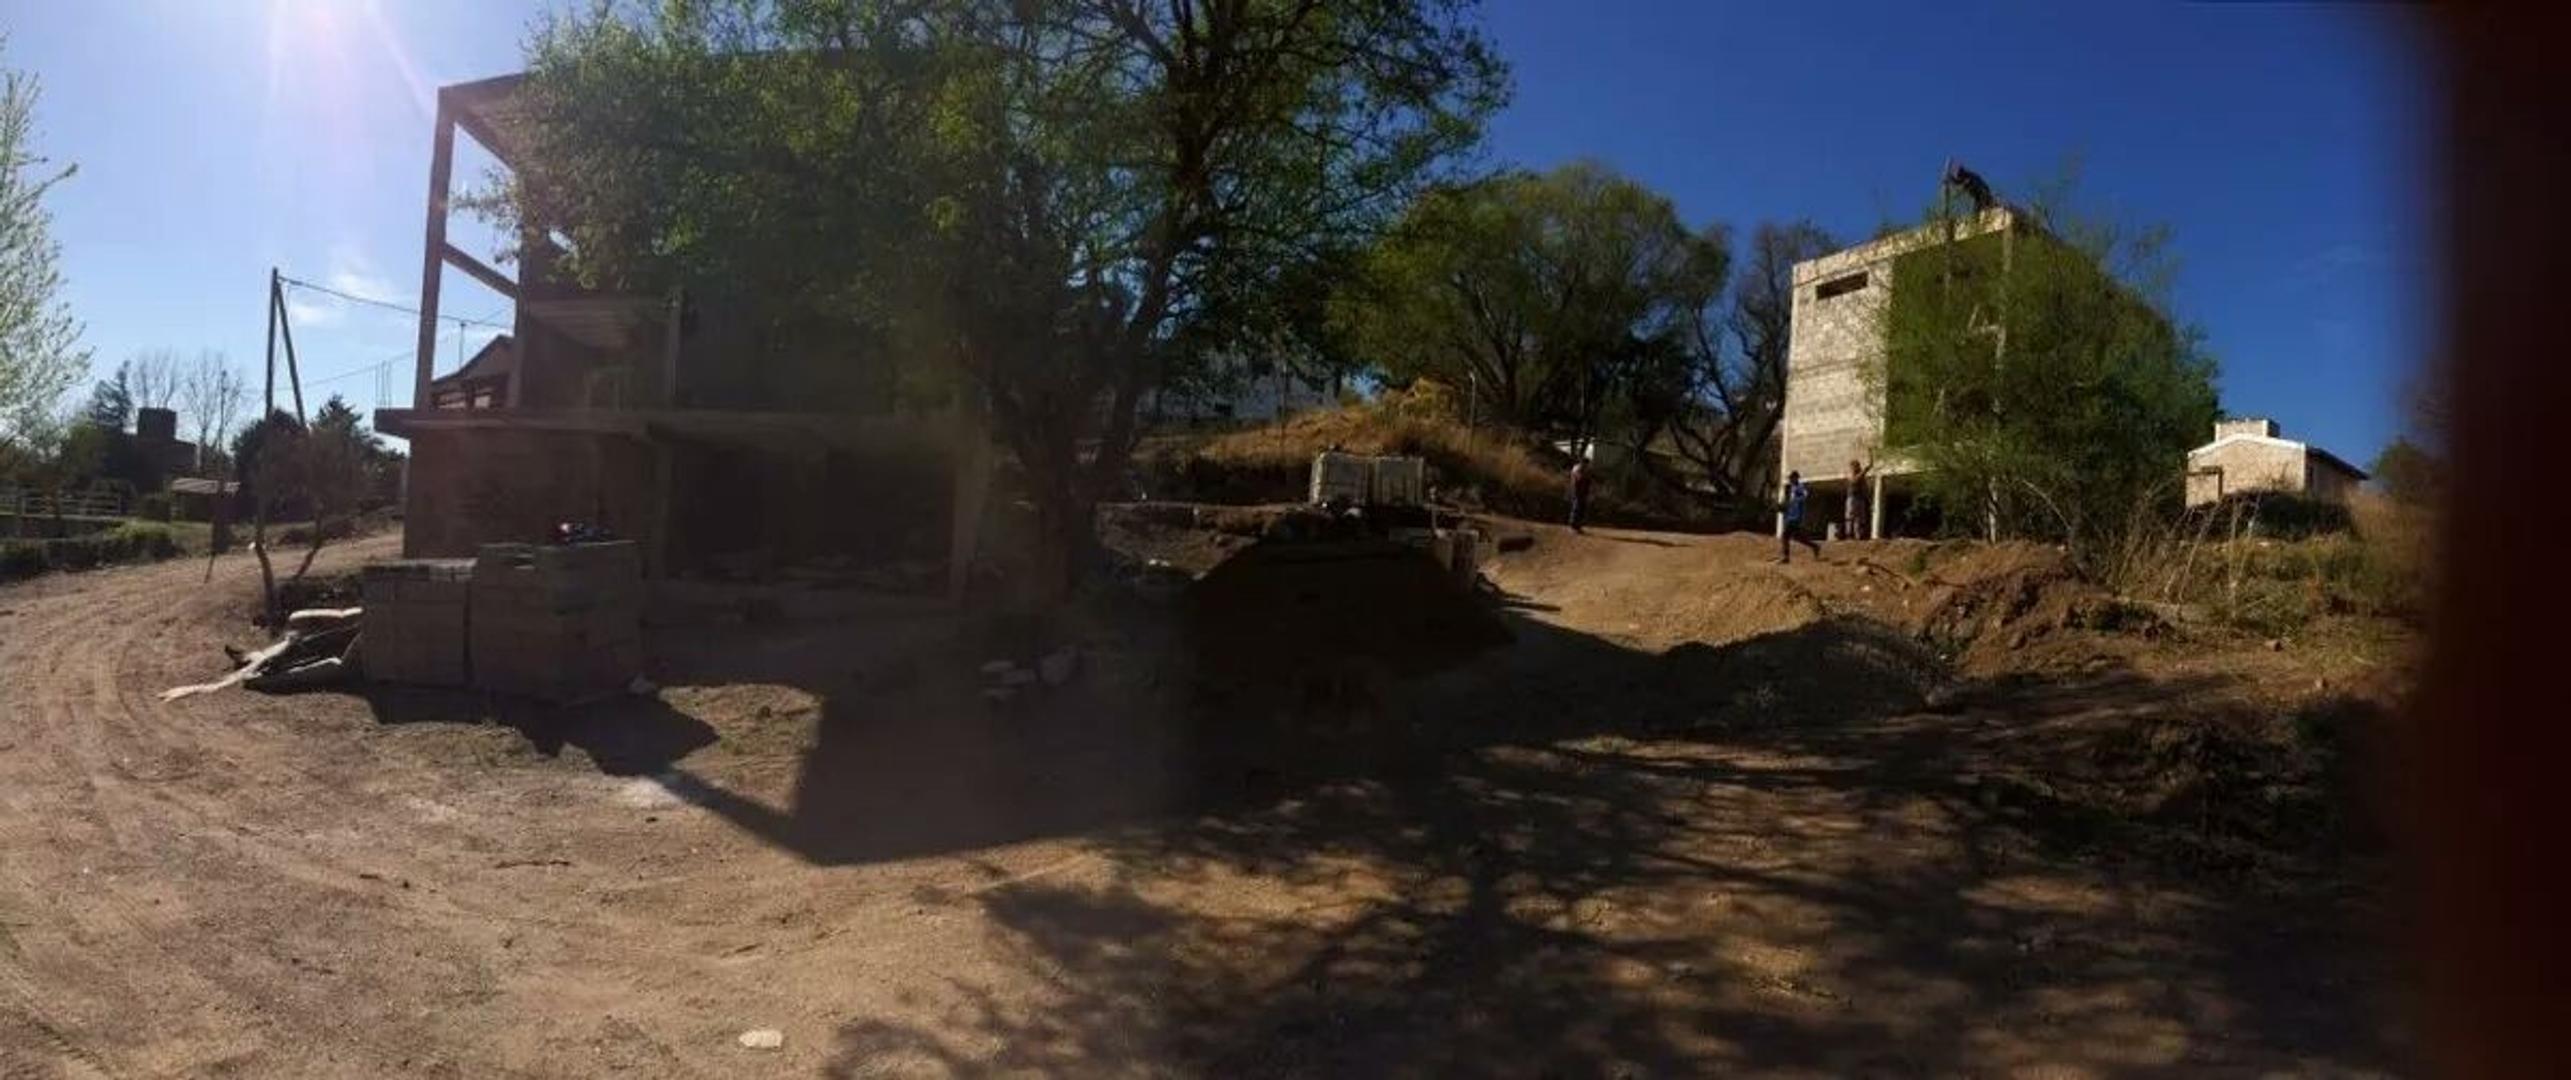 ESPECTACULAR LOTE EN VILLA DEL LAGO CON CONSTRUCCION